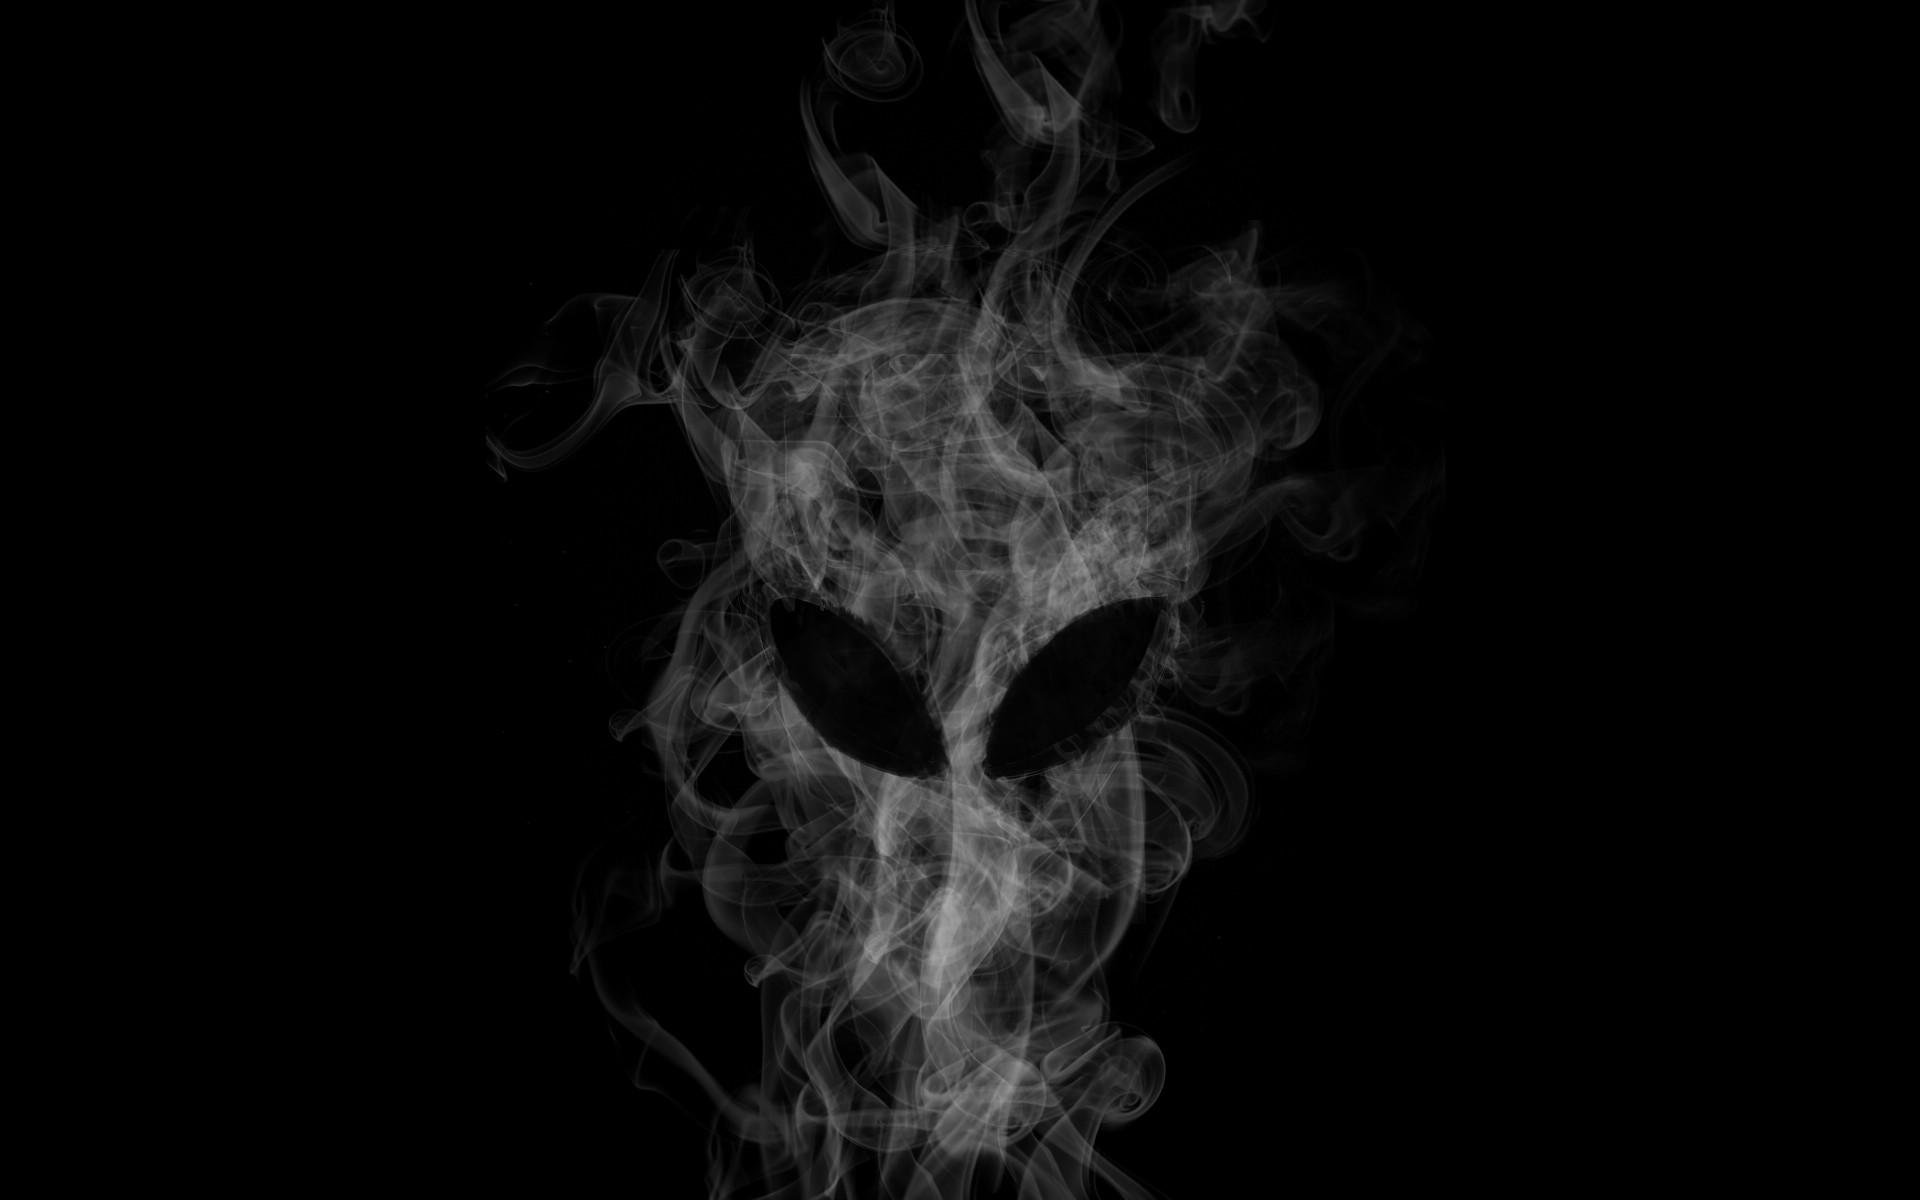 Alienware Desktop Background Black Smoke Alien Head 1920×1200